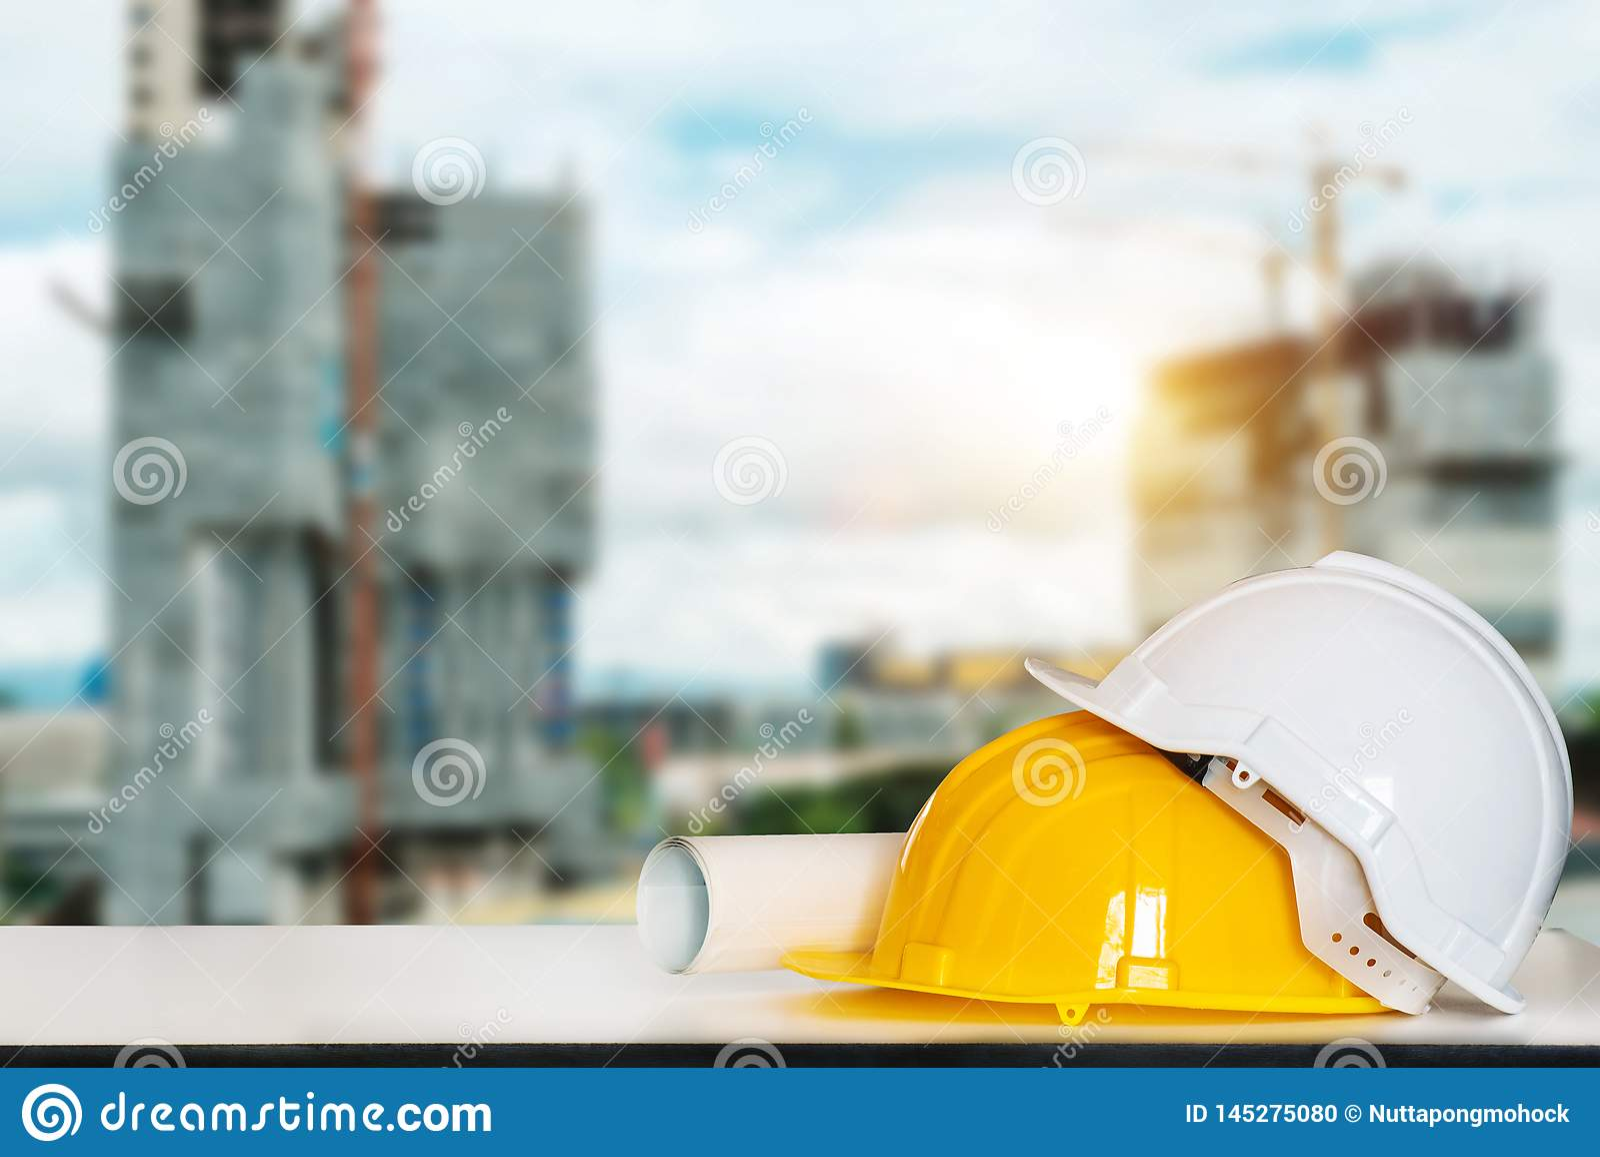 Dessins pour la construction et le casque